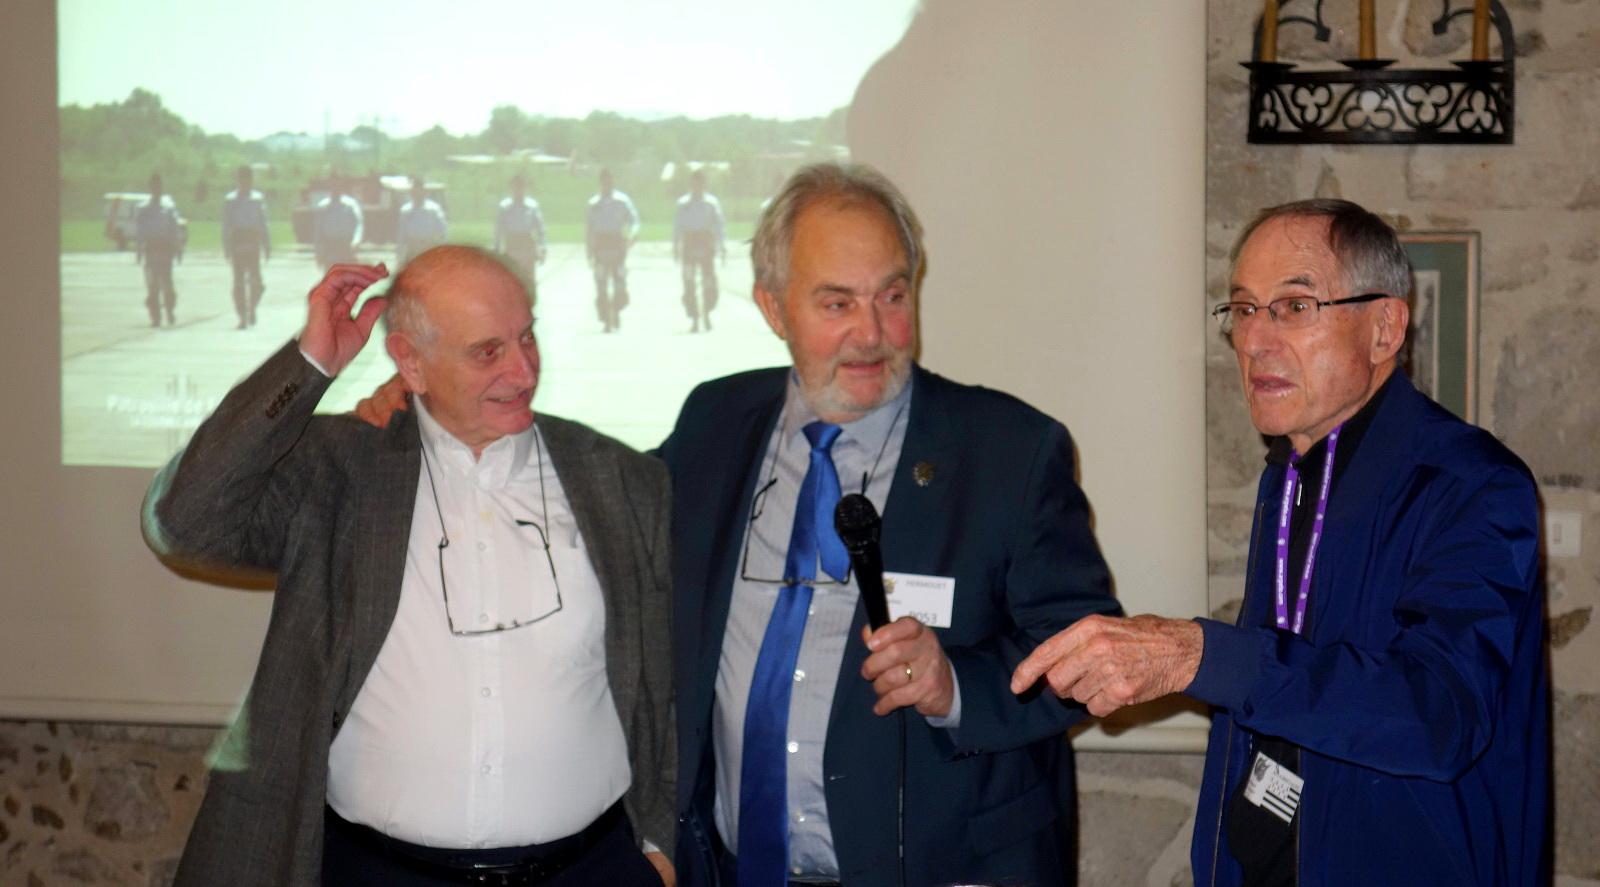 Les arpètes Bretons fêtent la Saint Eloi 10